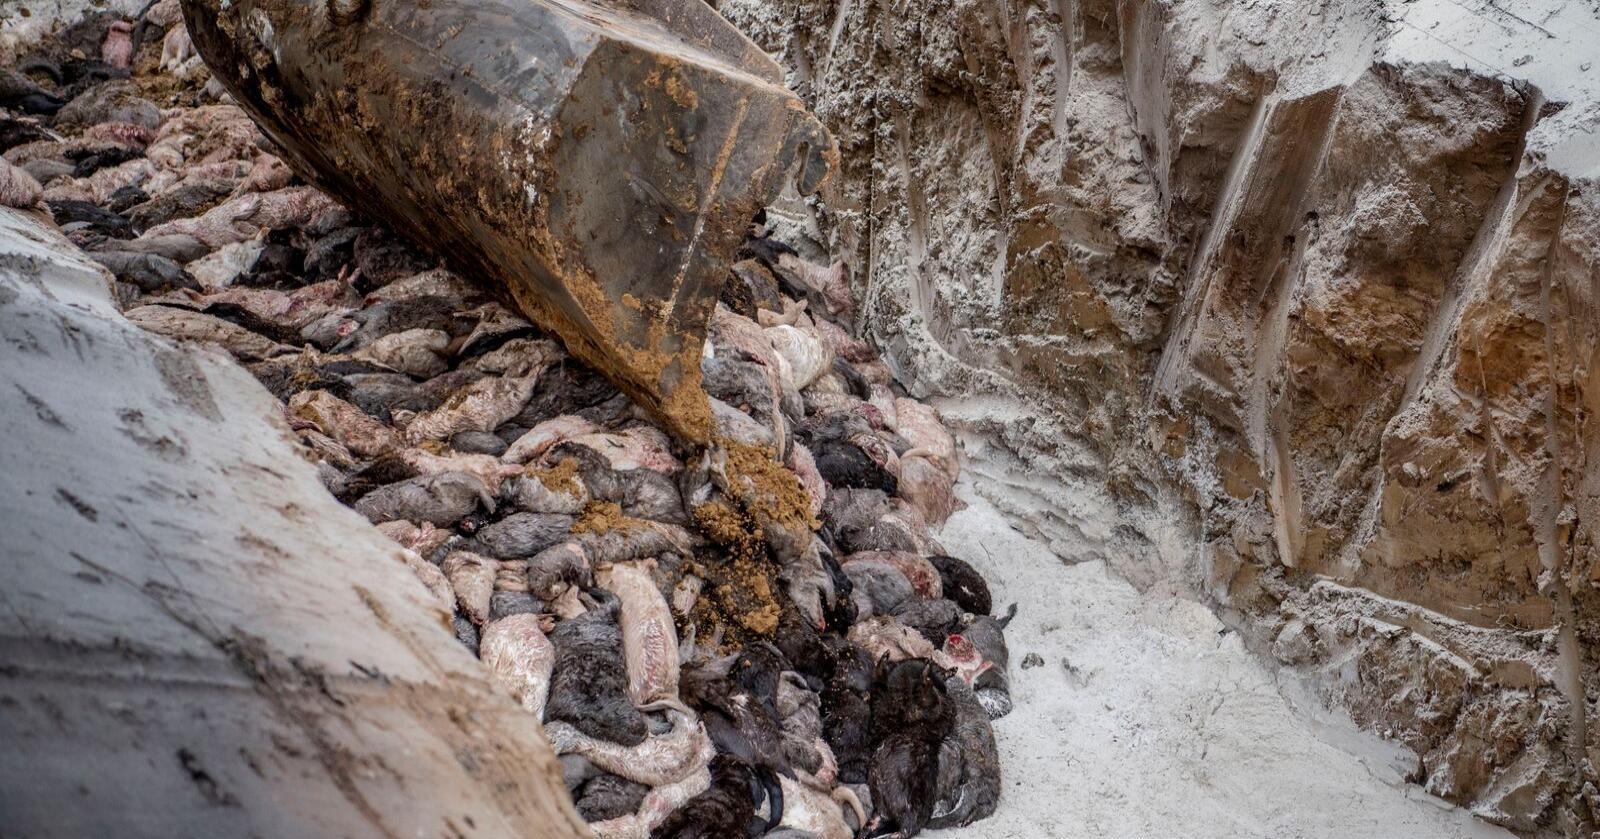 Rundt 9 millioner av Danmark om lag 17 millioner mink er avlivet så langt. Foto: Morten Stricker/AP/NTB scanpix